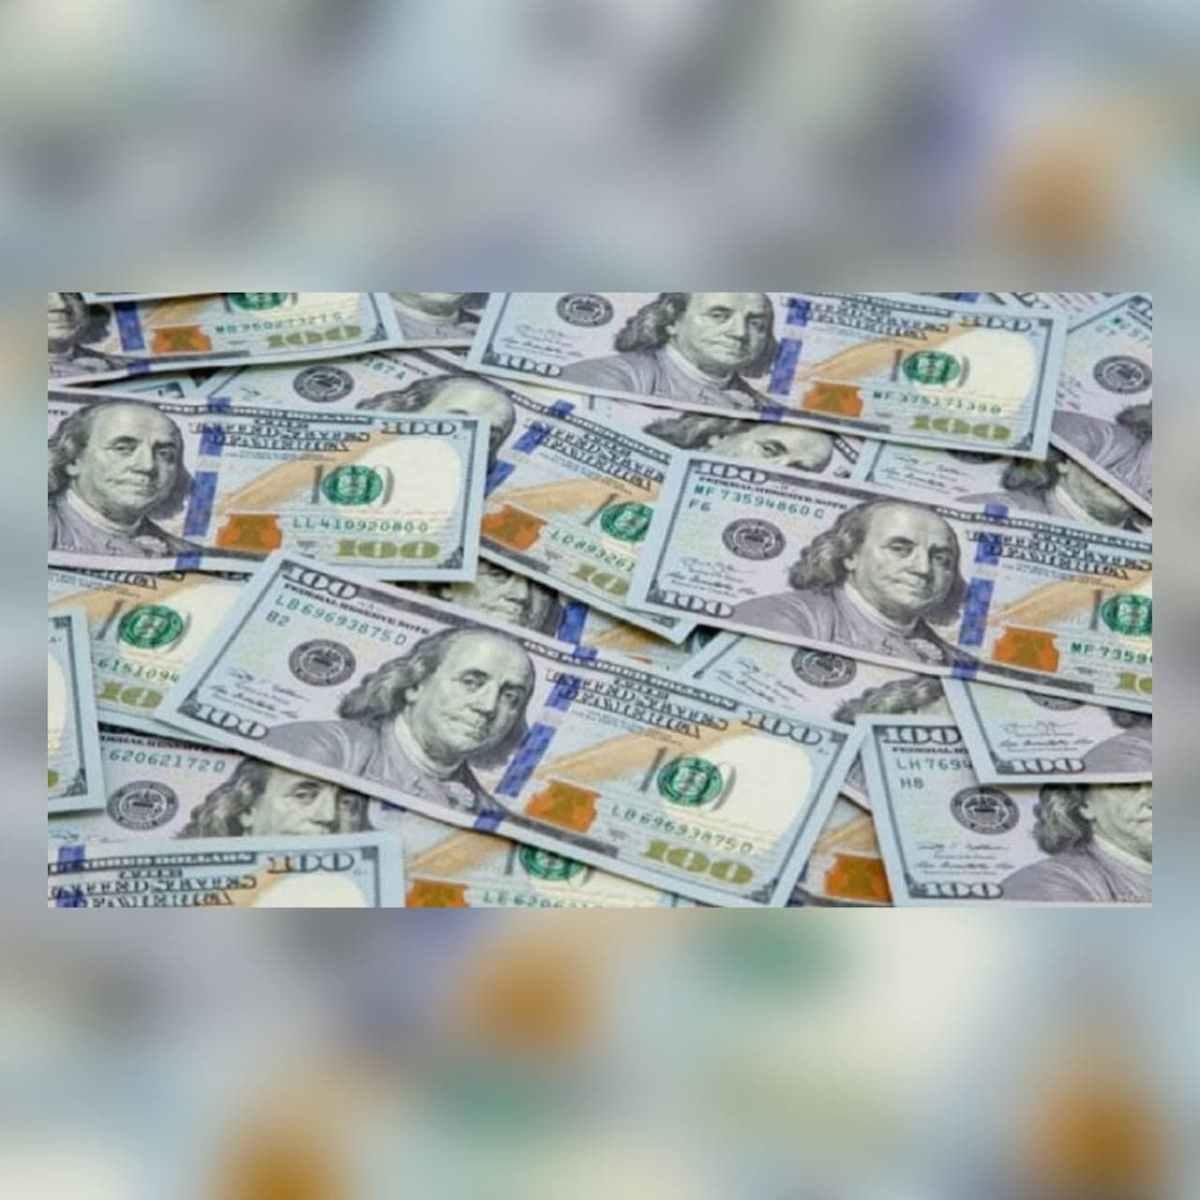 اسعار الصرف بعد نصف عام على التغيير